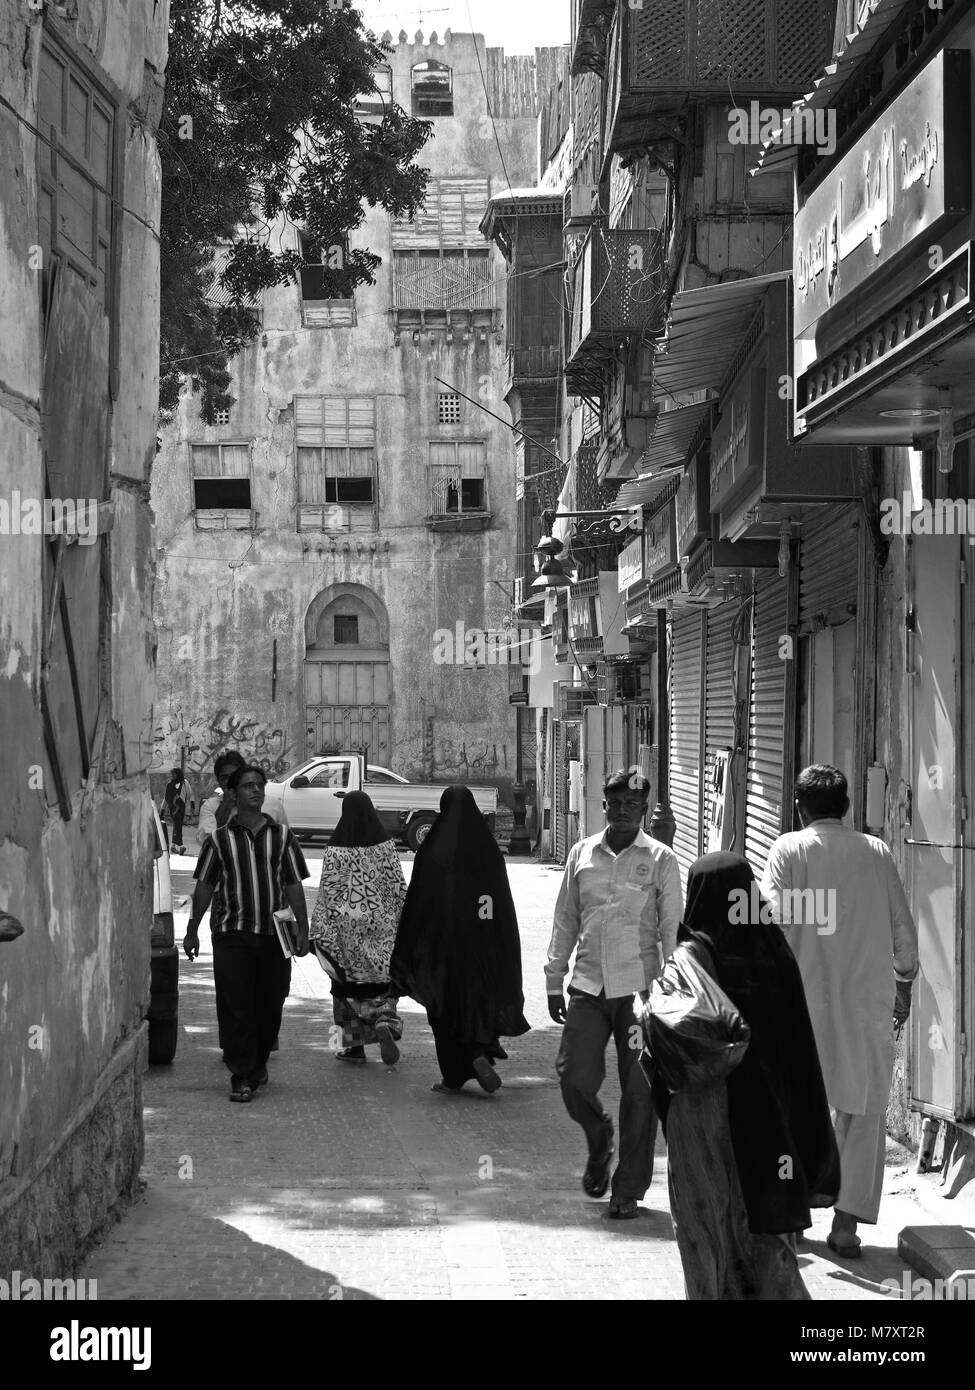 La vida en la calle, arquitectura e impresionar a viejas casas de madera con ventanales y mashrabya en Al Balad, Imagen De Stock